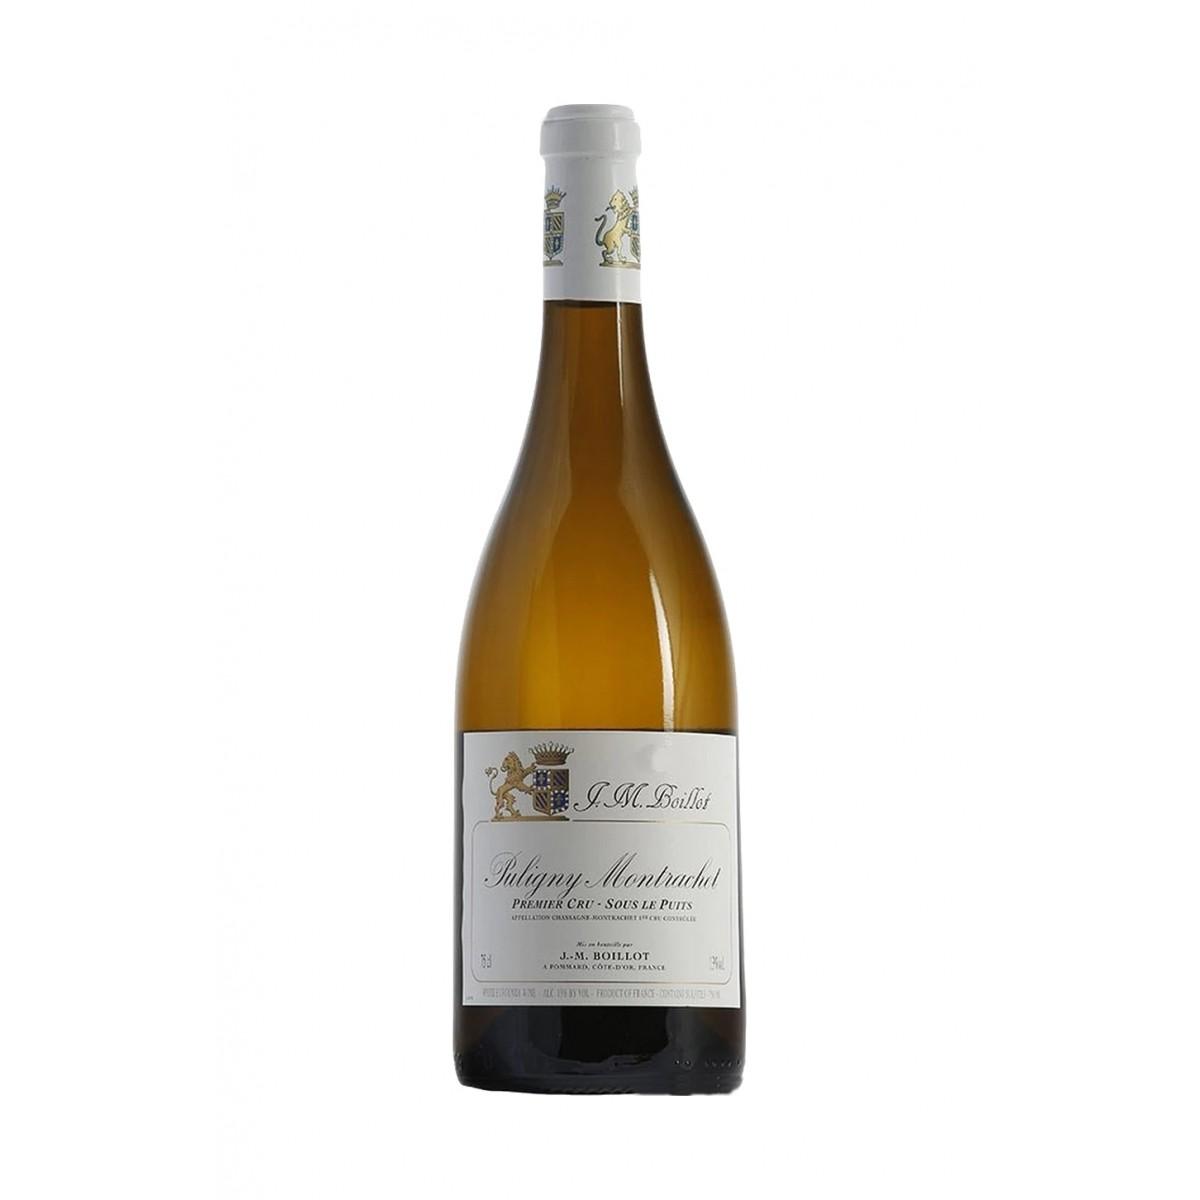 Puligny-Montrachet 1er Cru Sous les Puits 2016 - Domaine Jean Marc Boillot